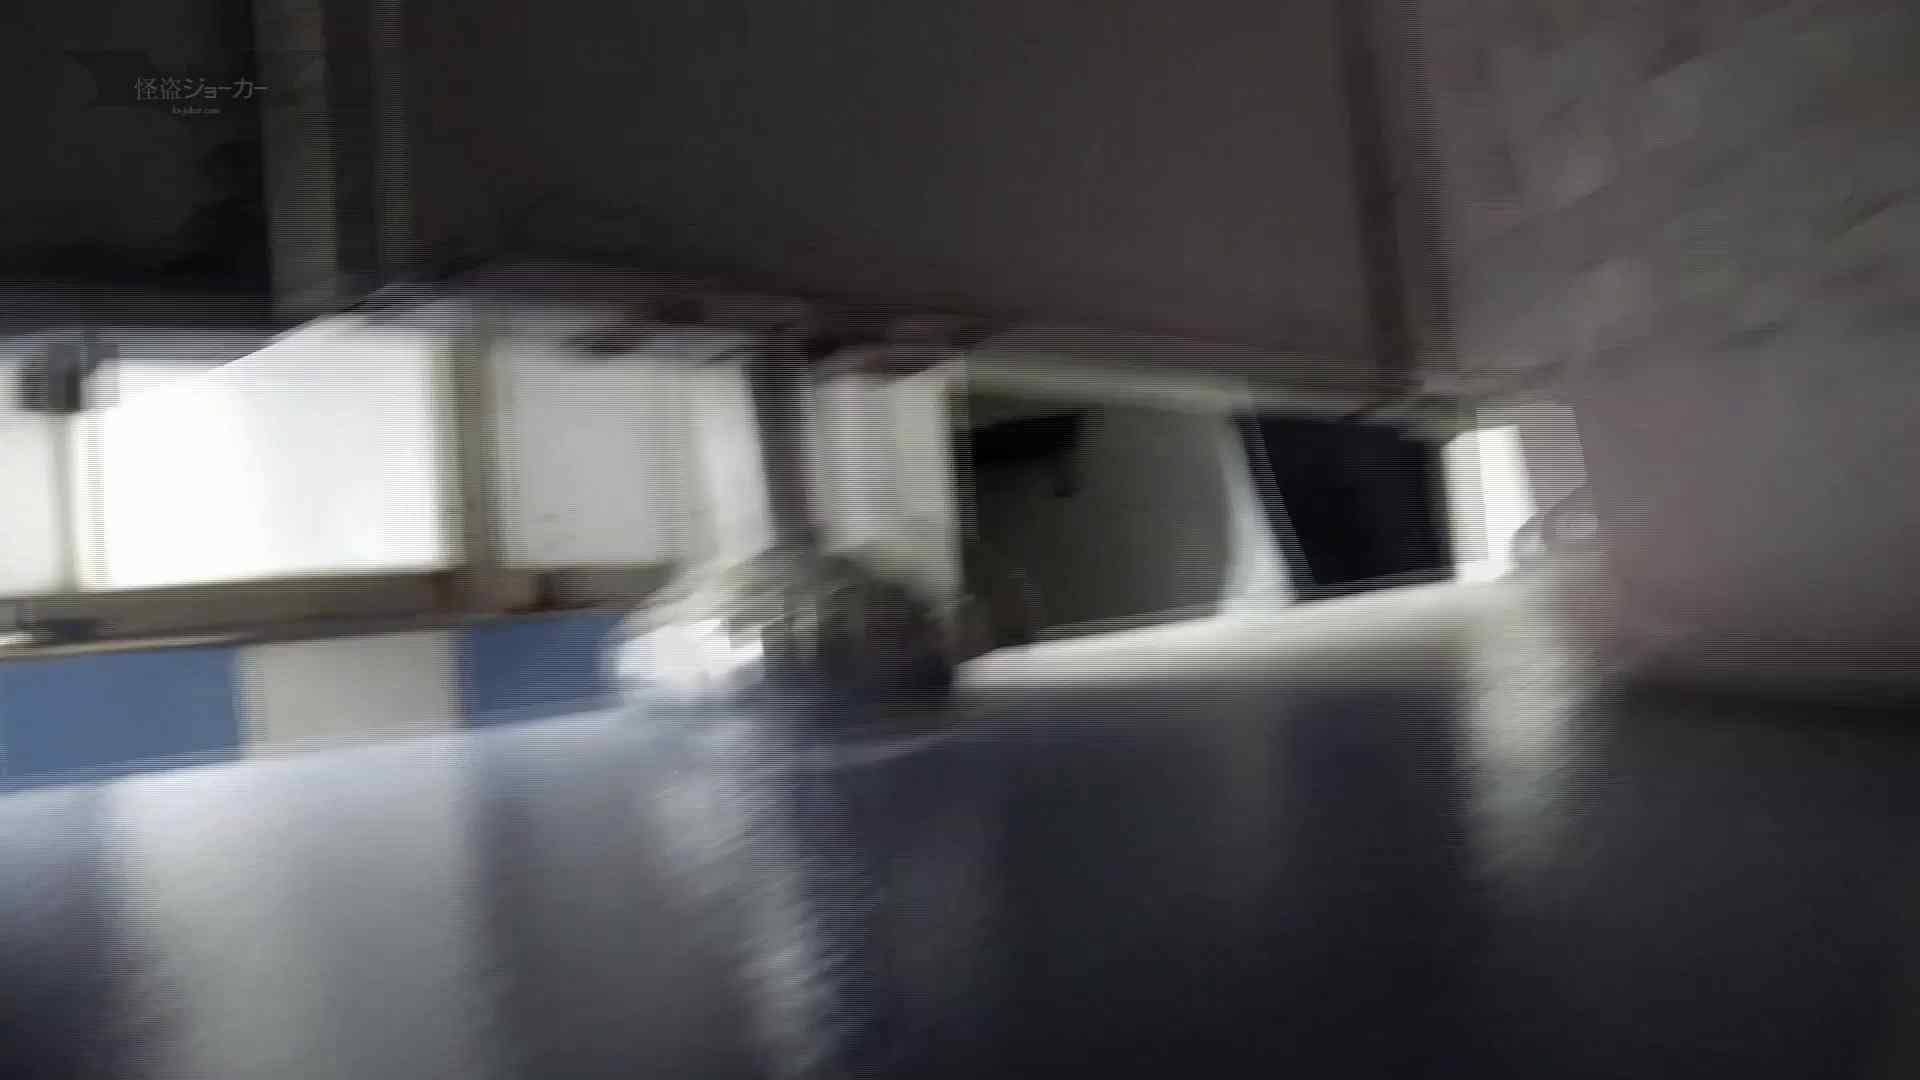 下からノゾム vol.030 びしょびしょの連続、お尻半分濡れるほど、 ギャル攻め えろ無修正画像 100画像 14